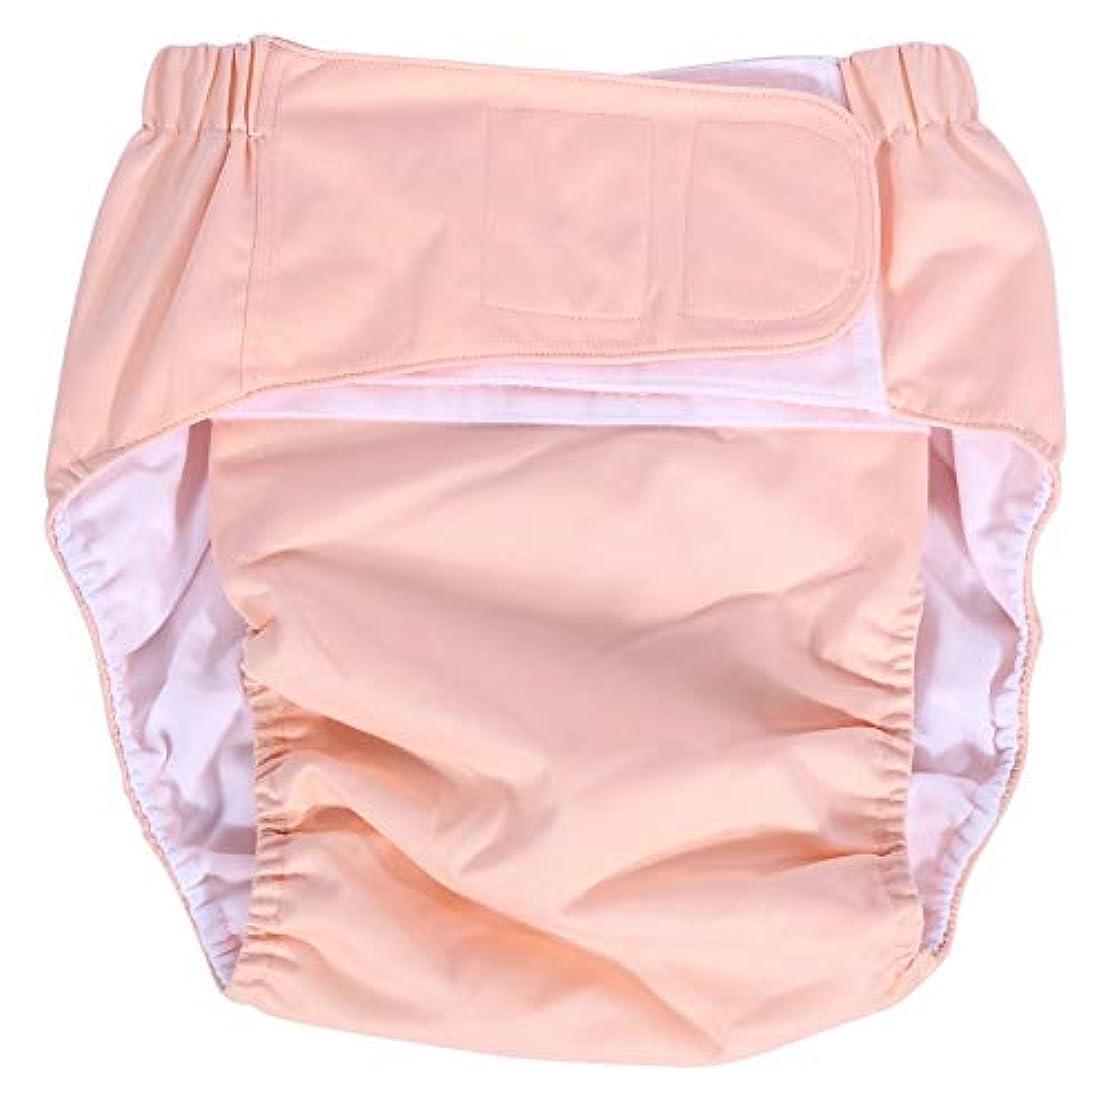 免疫歯科医堀大人用おむつ、洗える再利用可能な超吸収性おむつ中失禁下着ナプキン大人用パンツ (Color : ピンク)